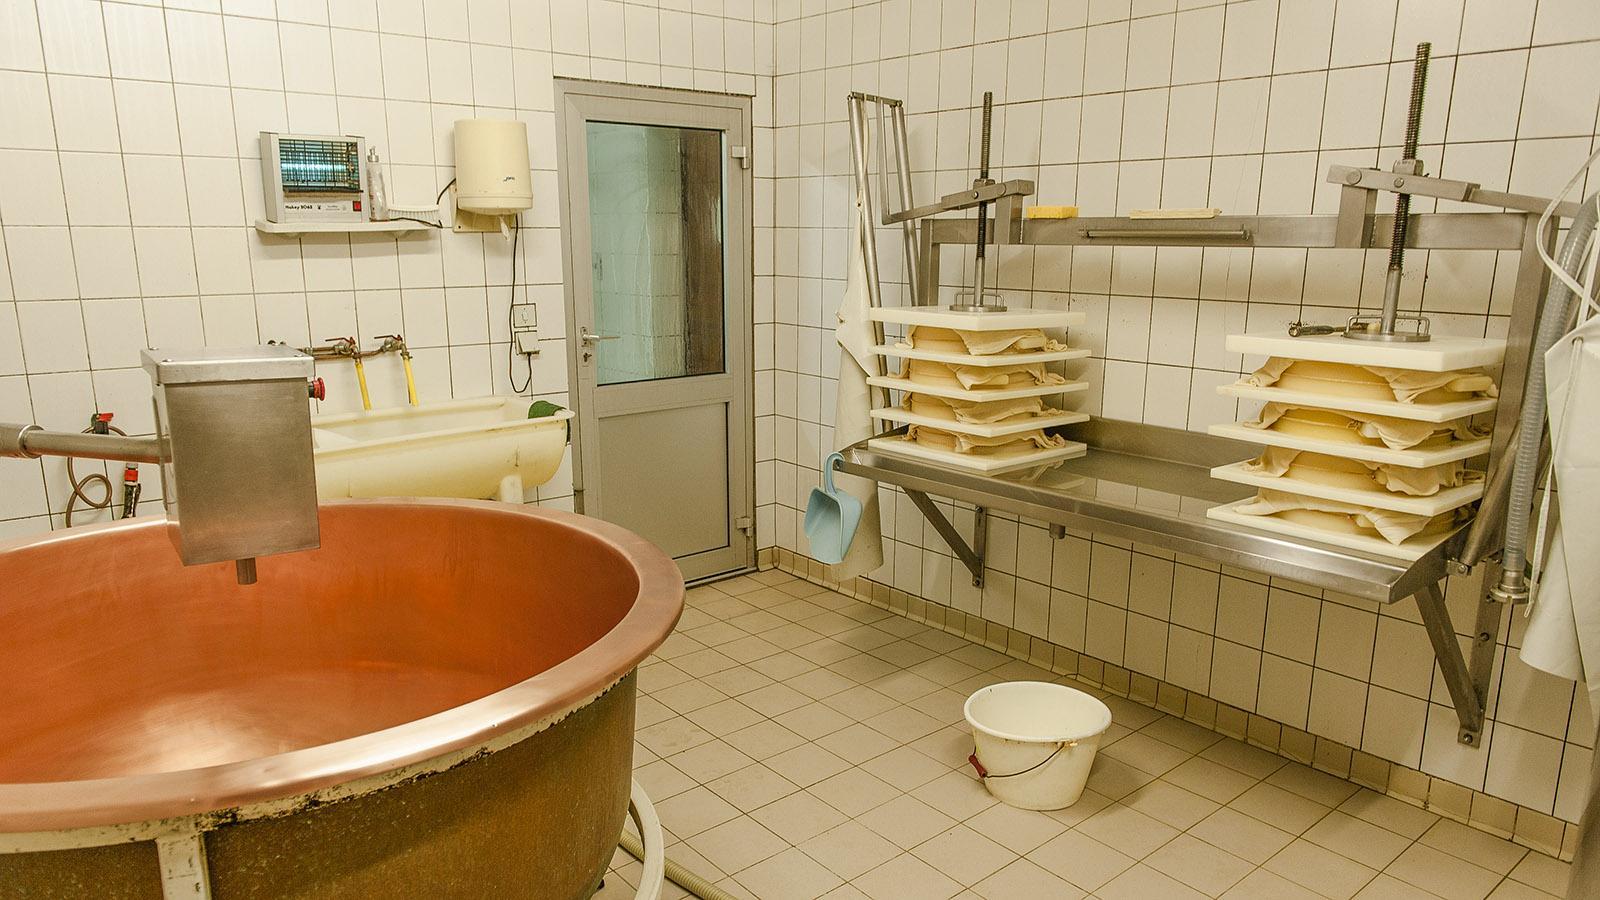 Abondance: Erst kommt die Milch in den Kupferkessel, dann wird dem Käse durch Pressung die überschüssige Feuchtigkeit entnommen. Foto: Hilke Maunder